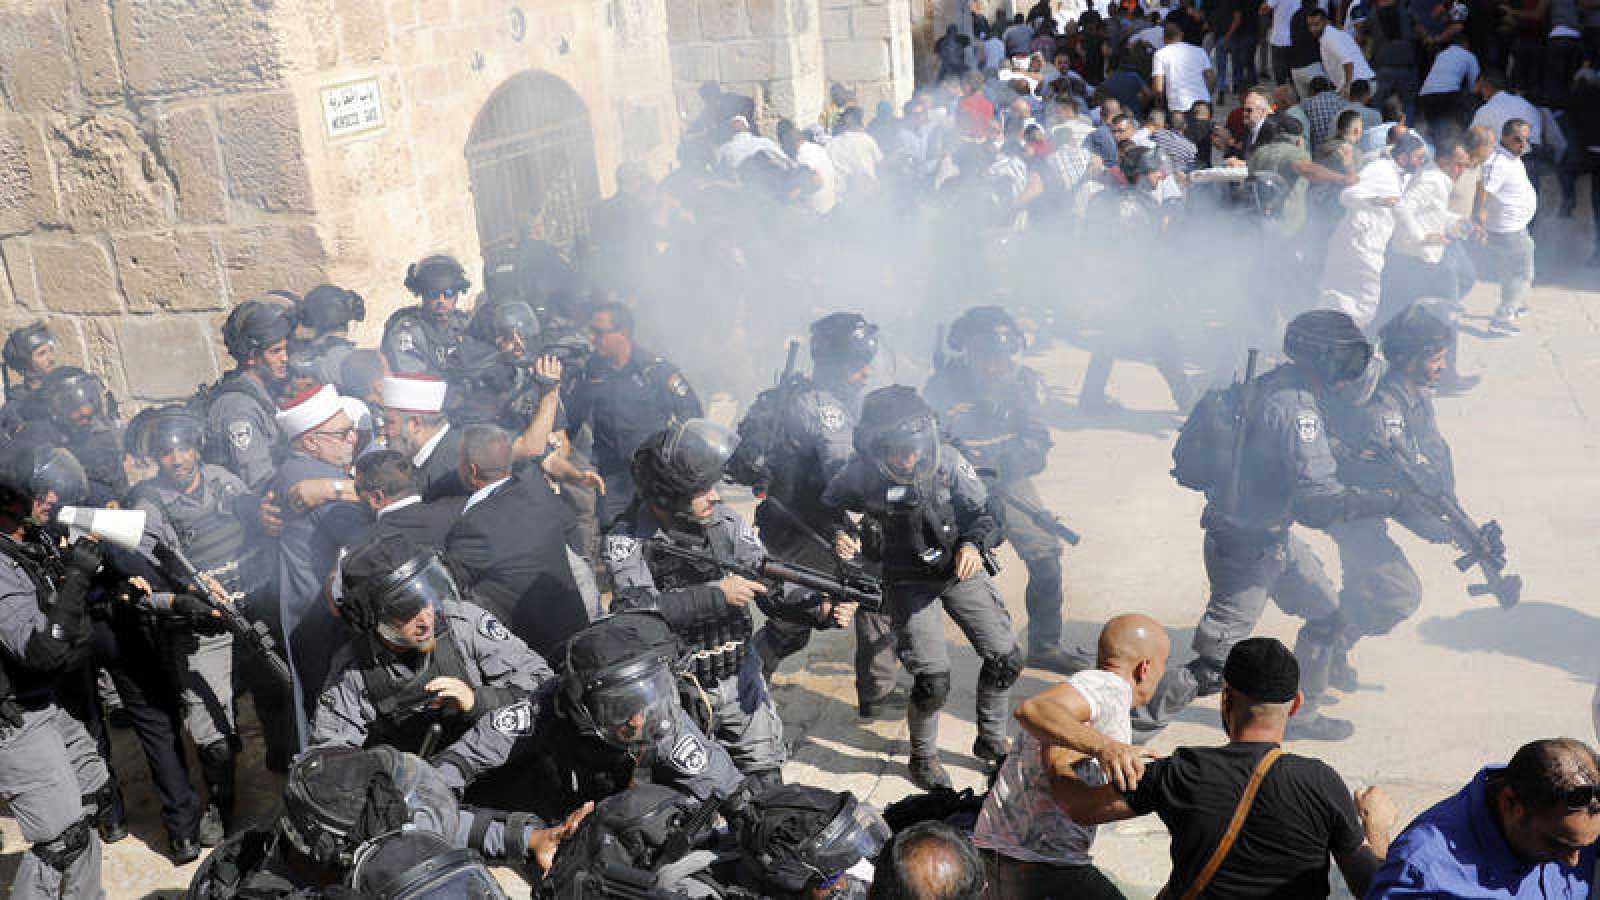 Las fuerzas de seguridad israelíesen laExplanada de las Mezquitas de Jerusalén